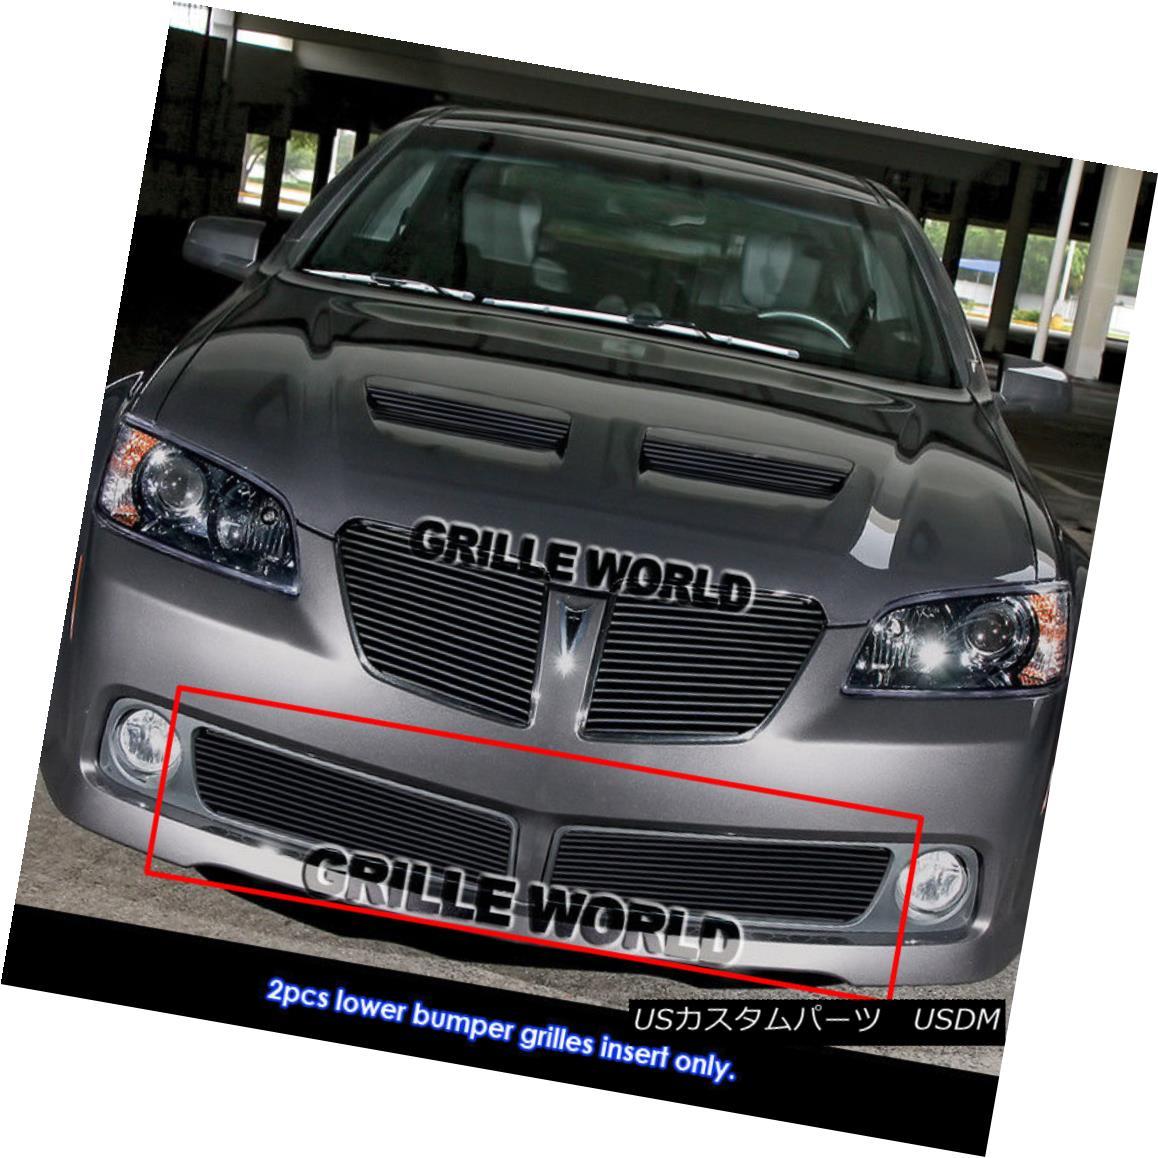 グリル Fits 2008-2009 Pontiac G8 Model Lower Bumper Black Billet Grille Insert フィット2008 - 2009年ポンティアックG8モデルロワーバンパーブラックビレットグリルインサート